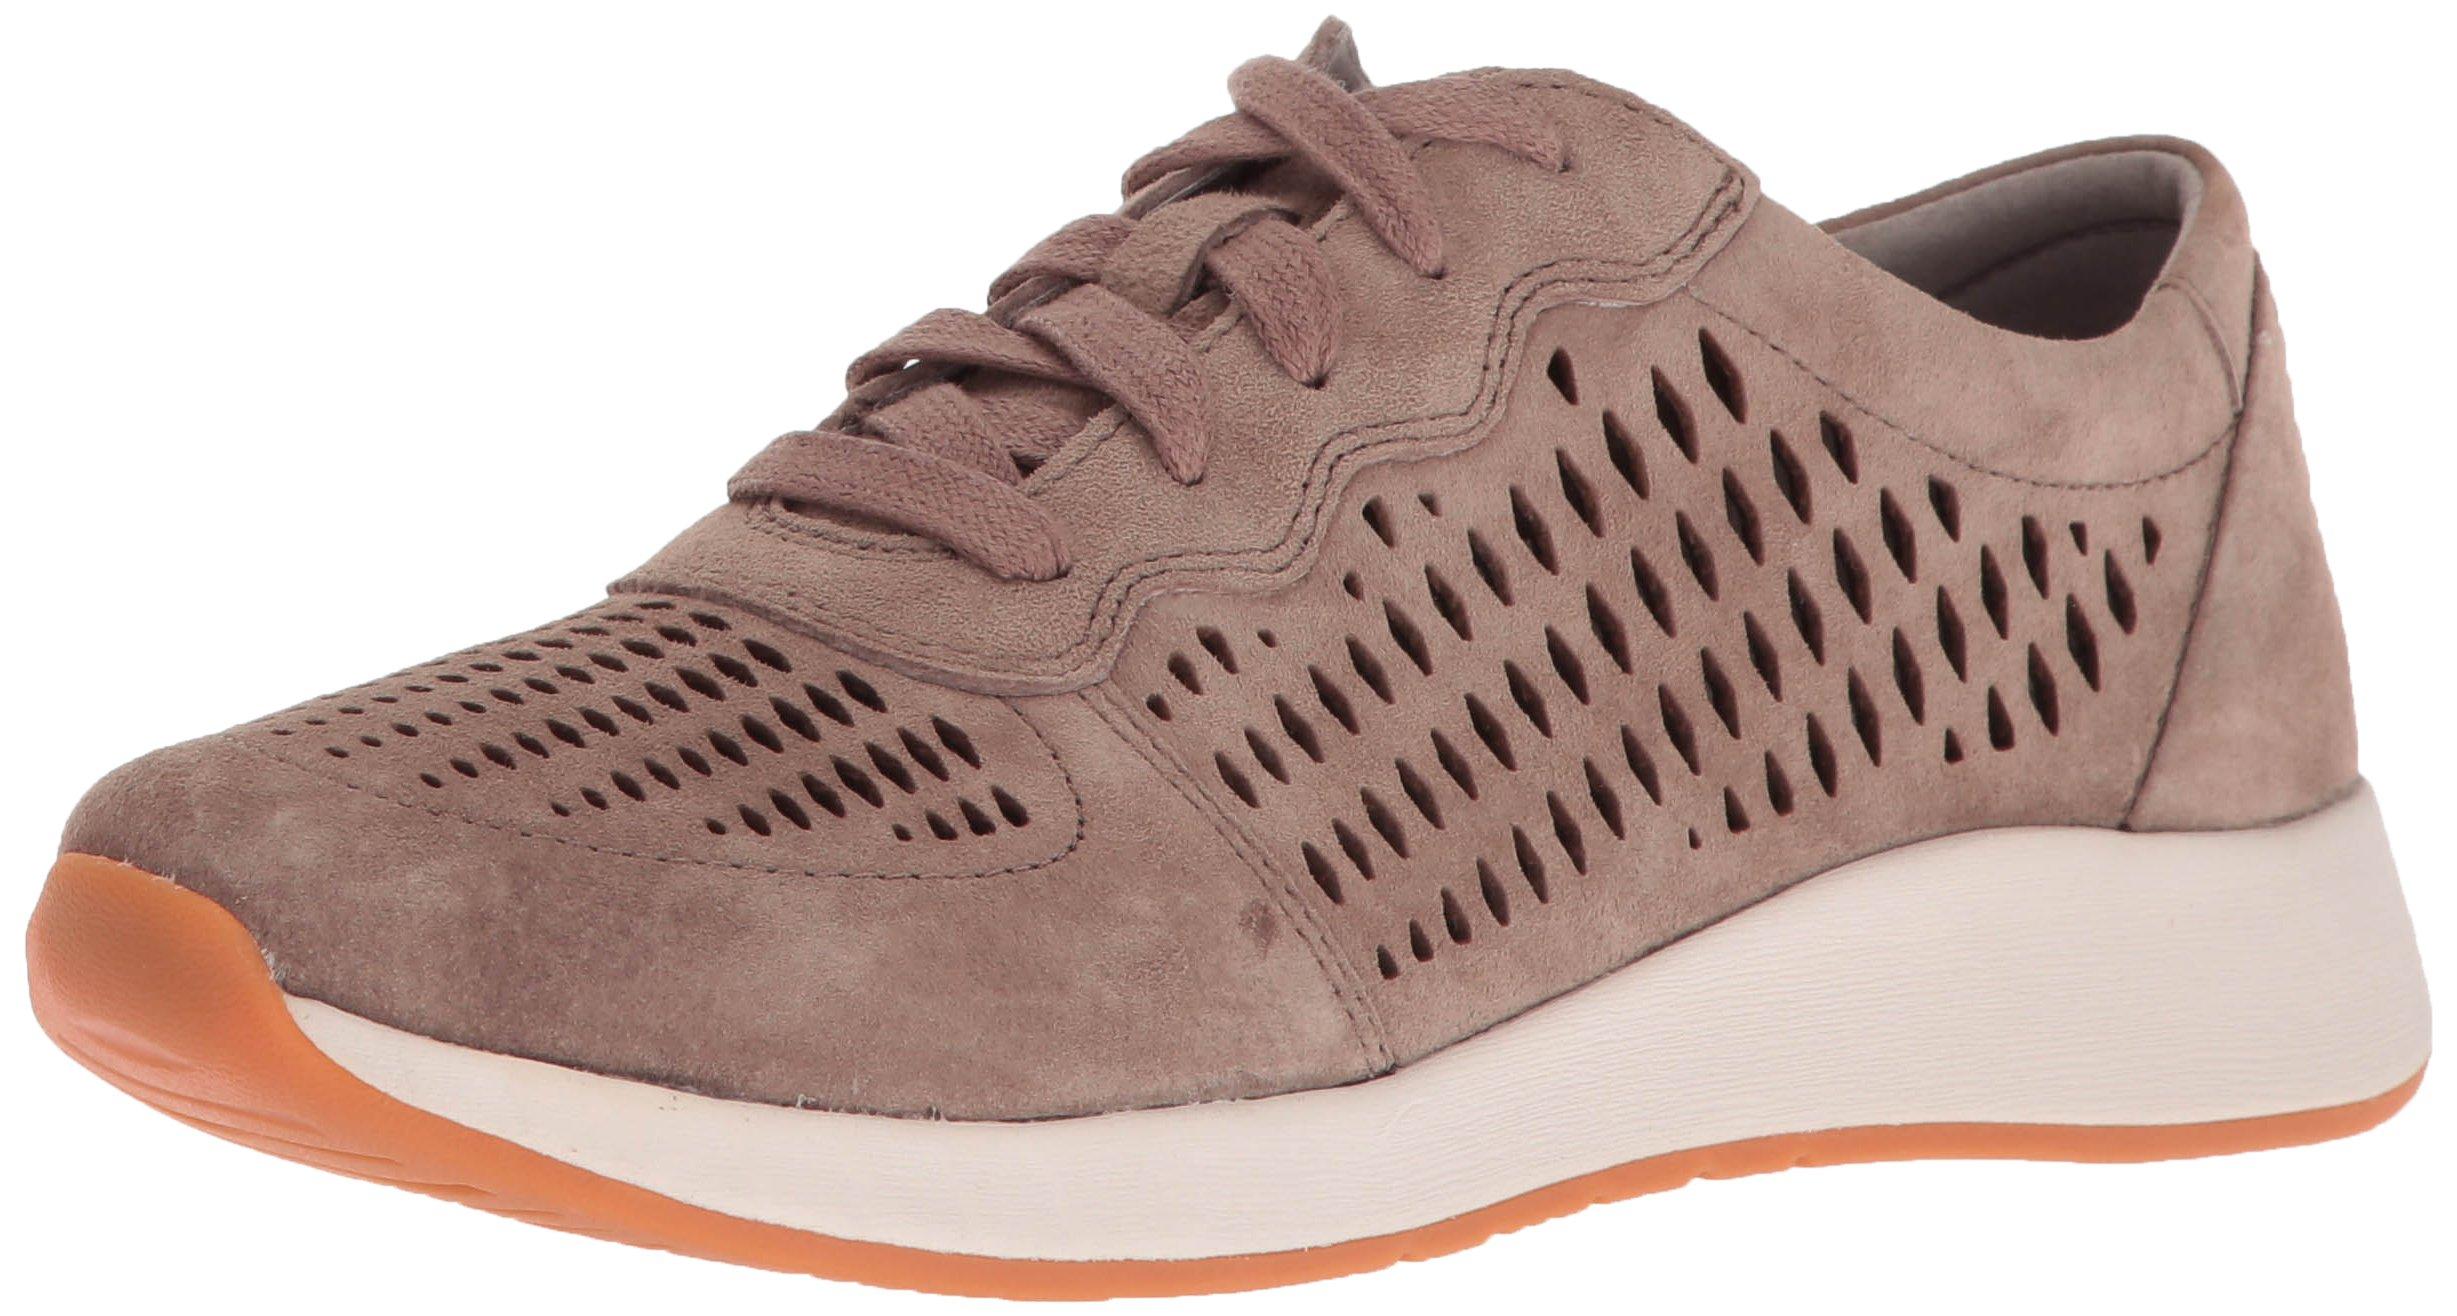 Dansko Women's Charlie Fashion Sneaker, Walnut Suede, 38 EU/7.5-8 M US